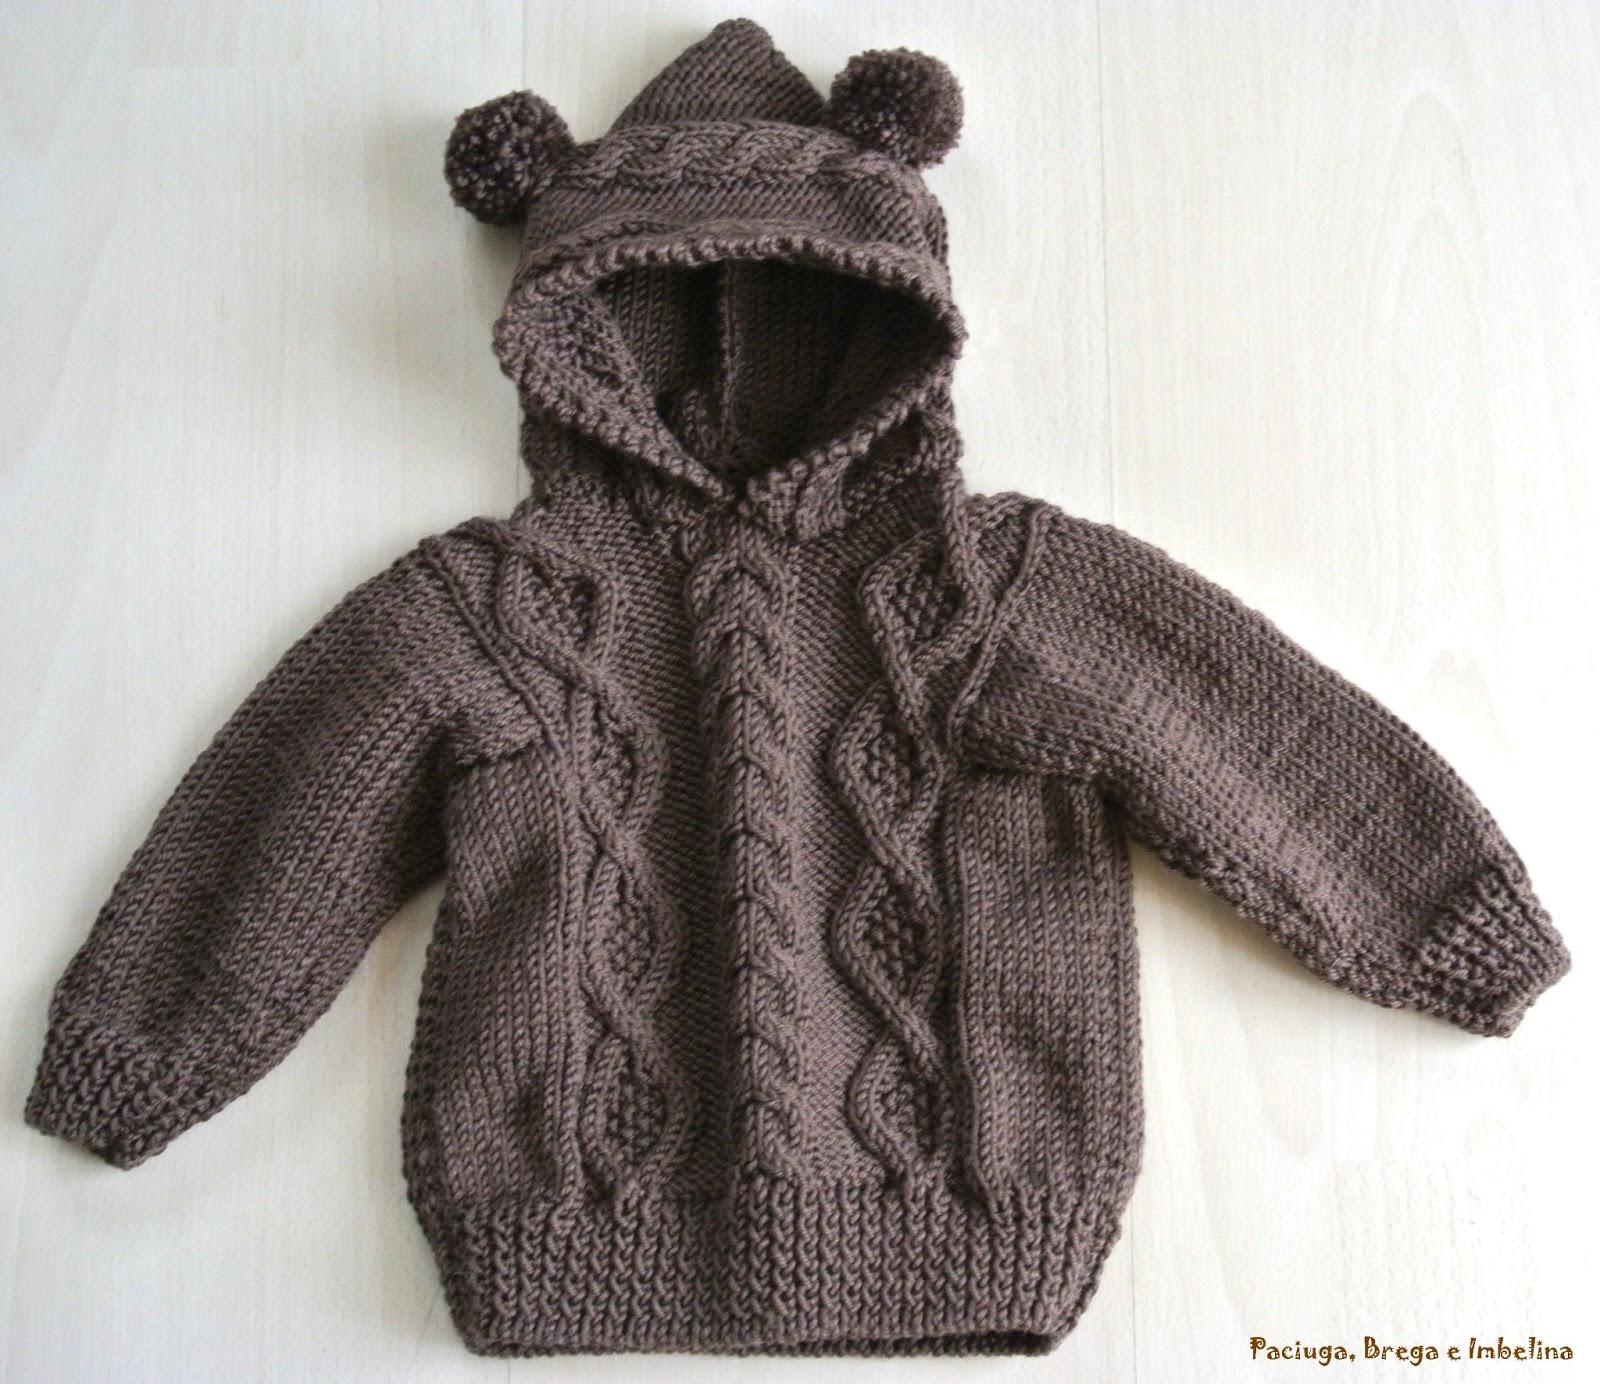 Popolare La maglia da bimbo con cappuccio e orecchie da orso | Paciuga  ID11